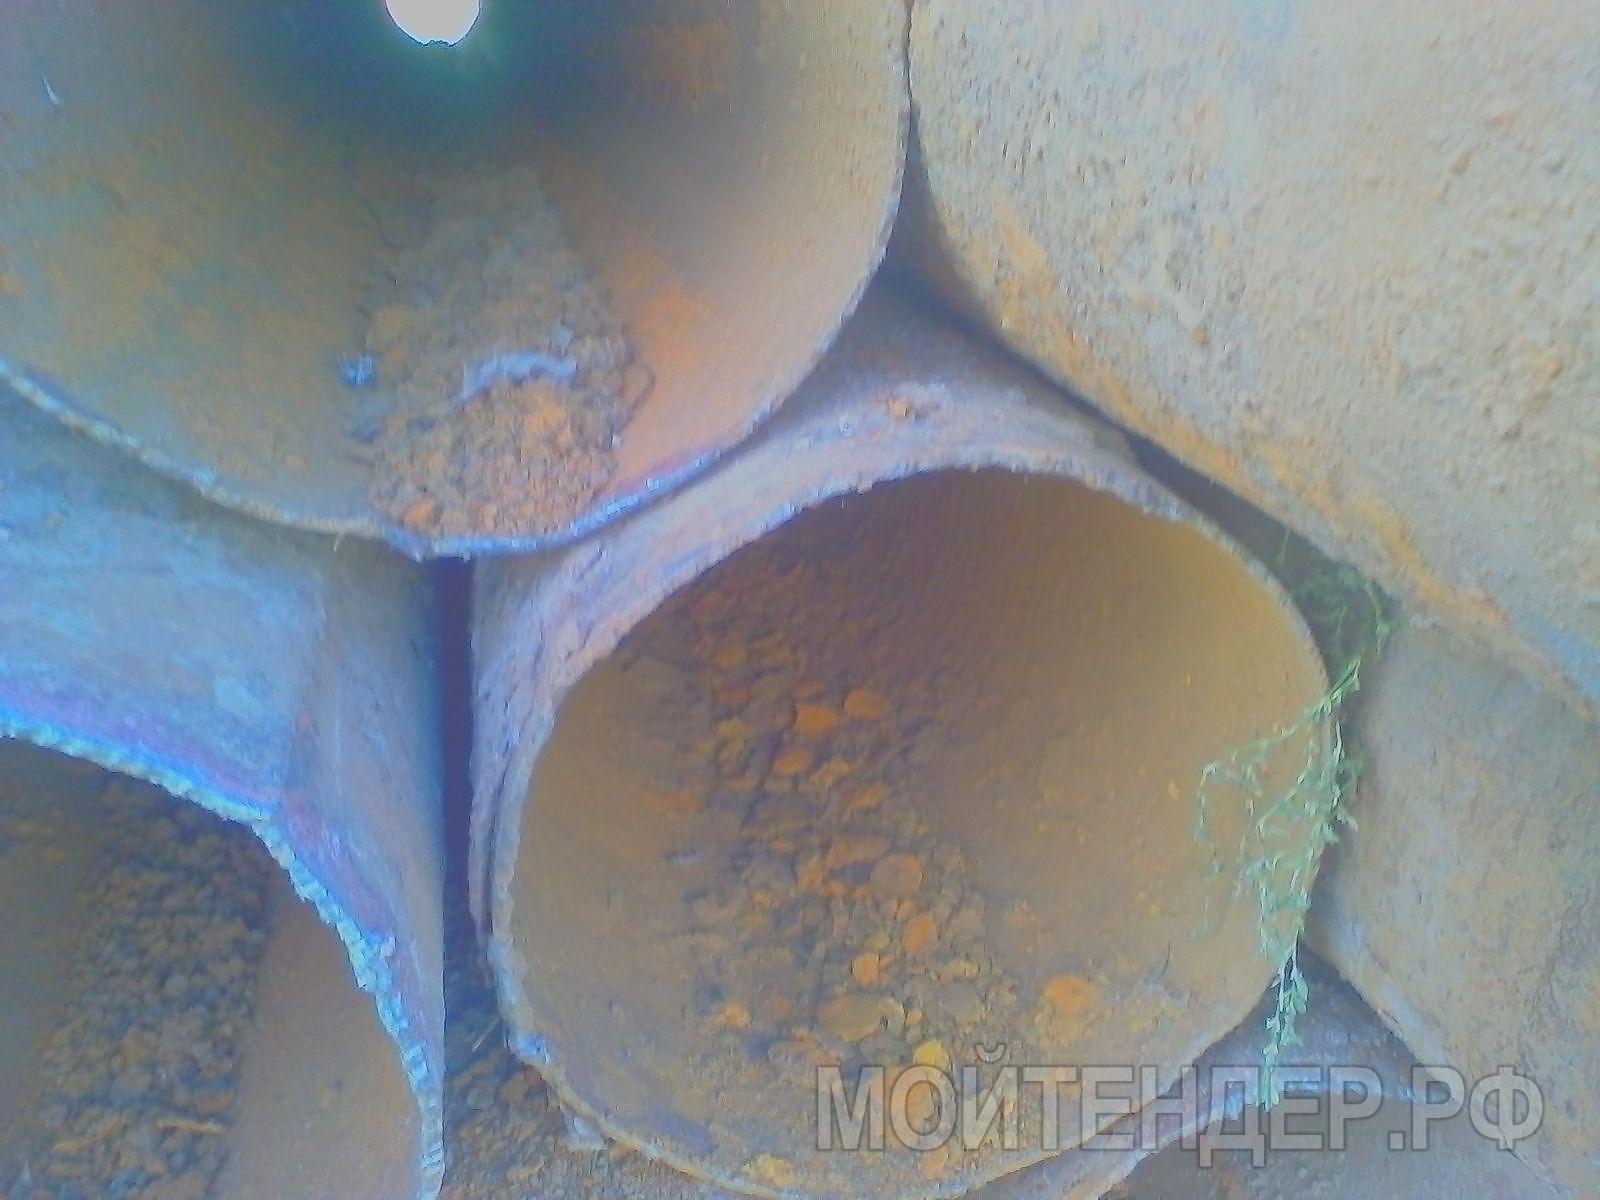 Мойтендер.рф-304-42-2626: Фото 9